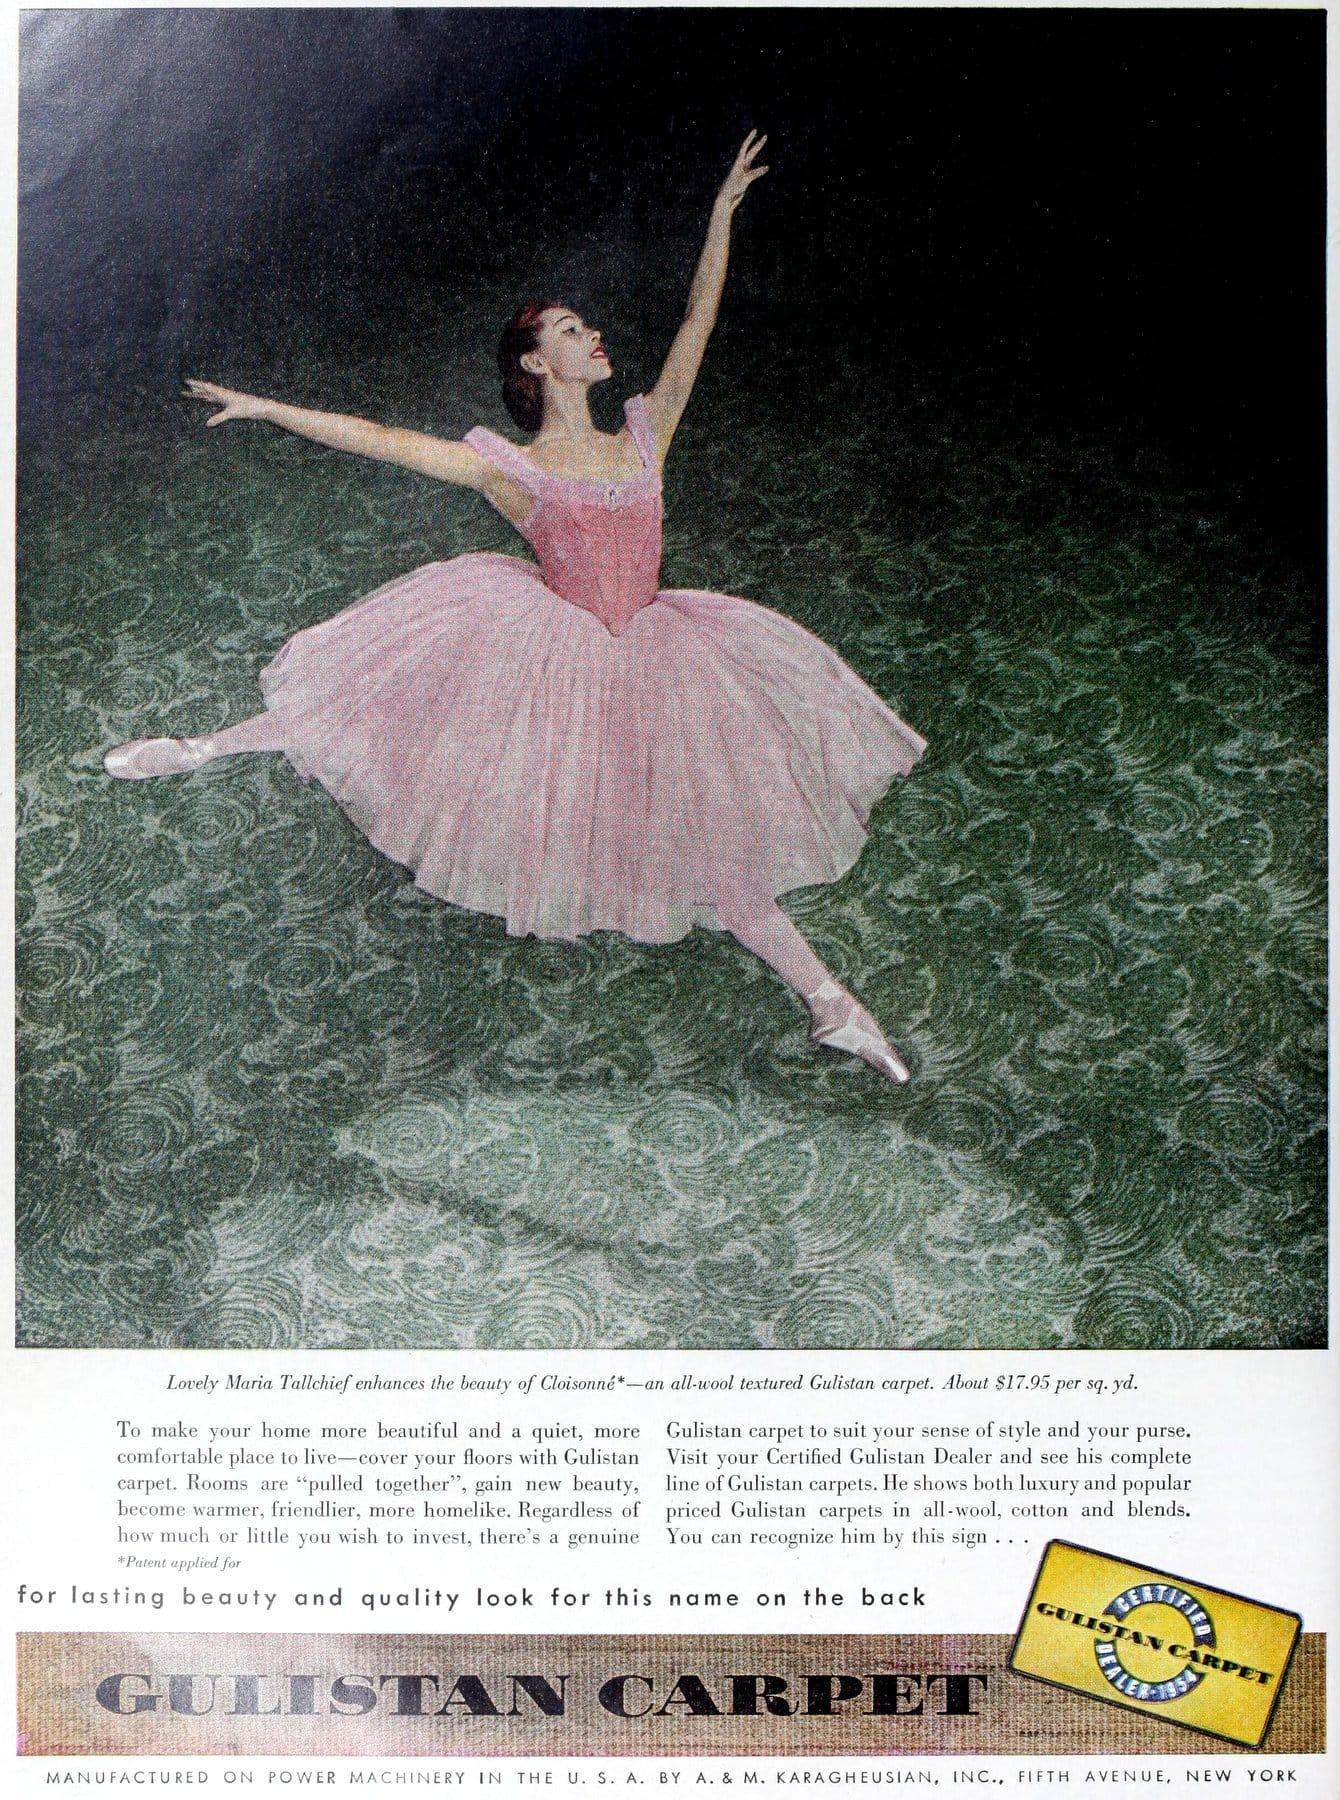 Vintage Gulistan textured green carpet (1954)